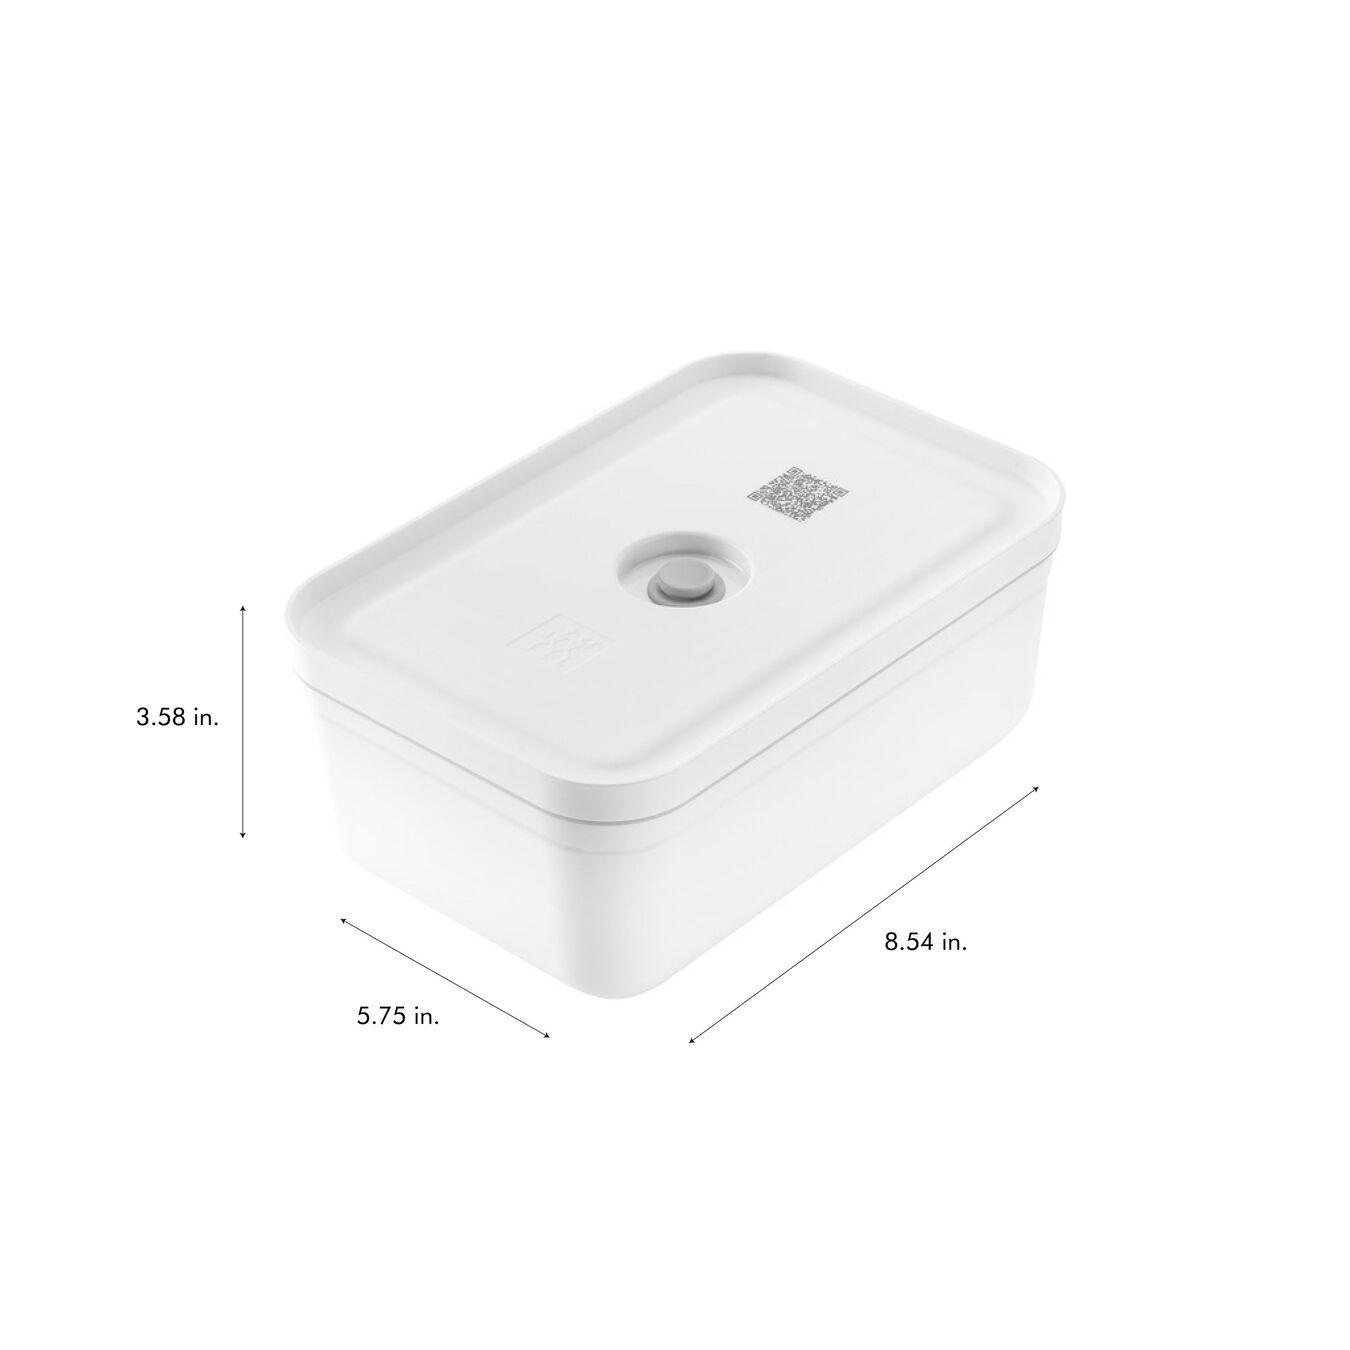 Vacuum lunch box, large, White,,large 9